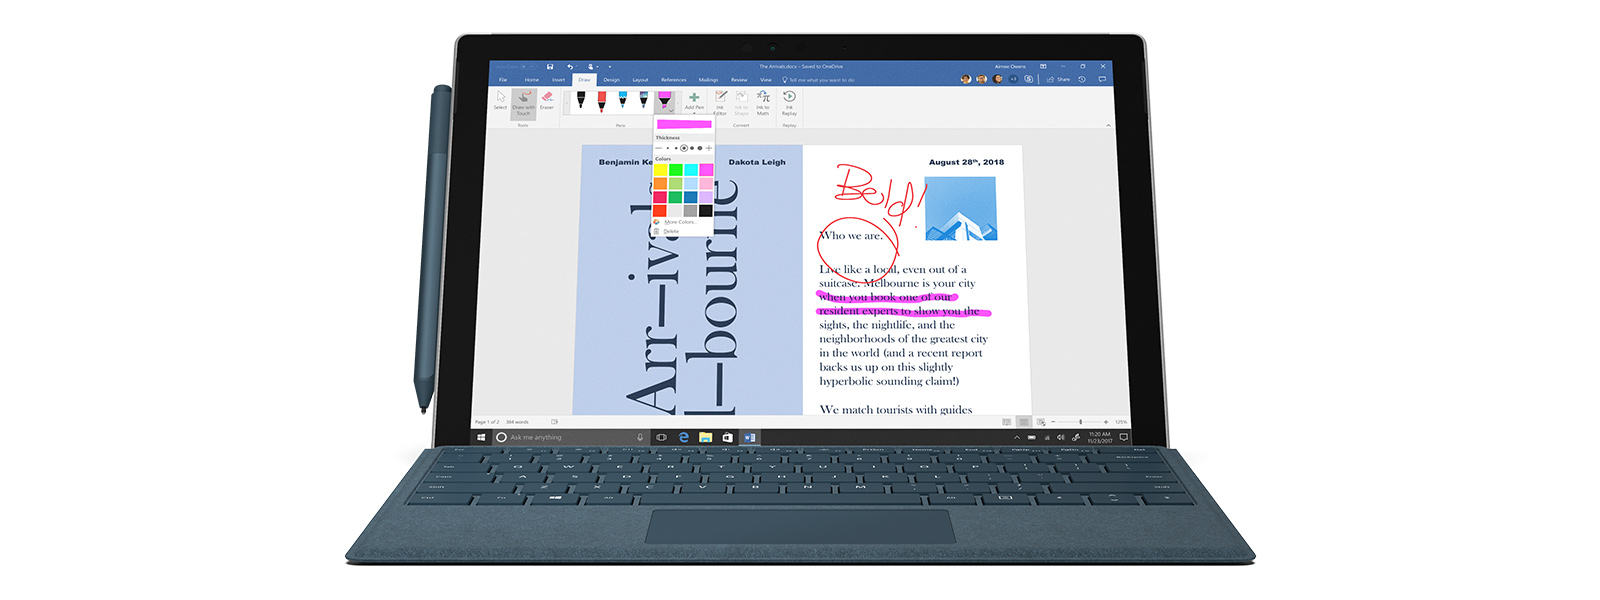 그림판 3D 화면의 수동 입력 기능을 보여 주는 Surface Pro 장치